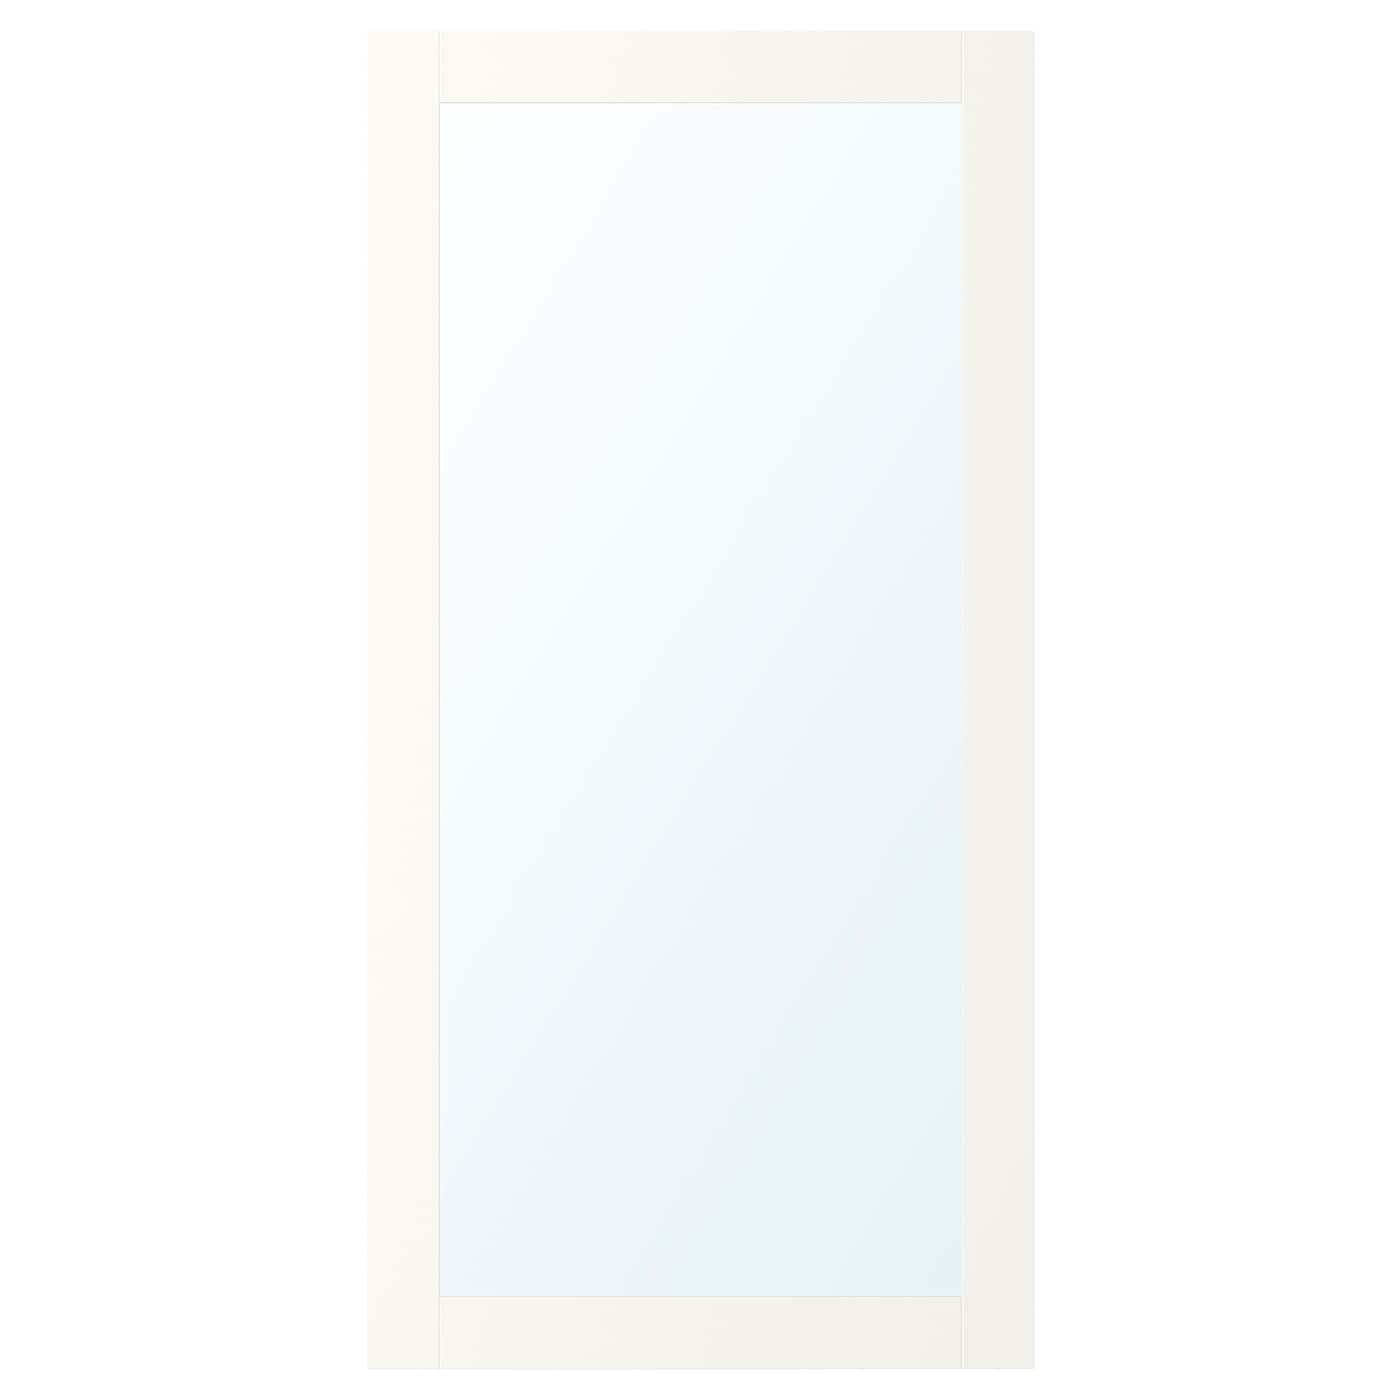 Ridabu puerta de espejo blanco 60 x 120 cm ikea - Espejo blanco ikea ...